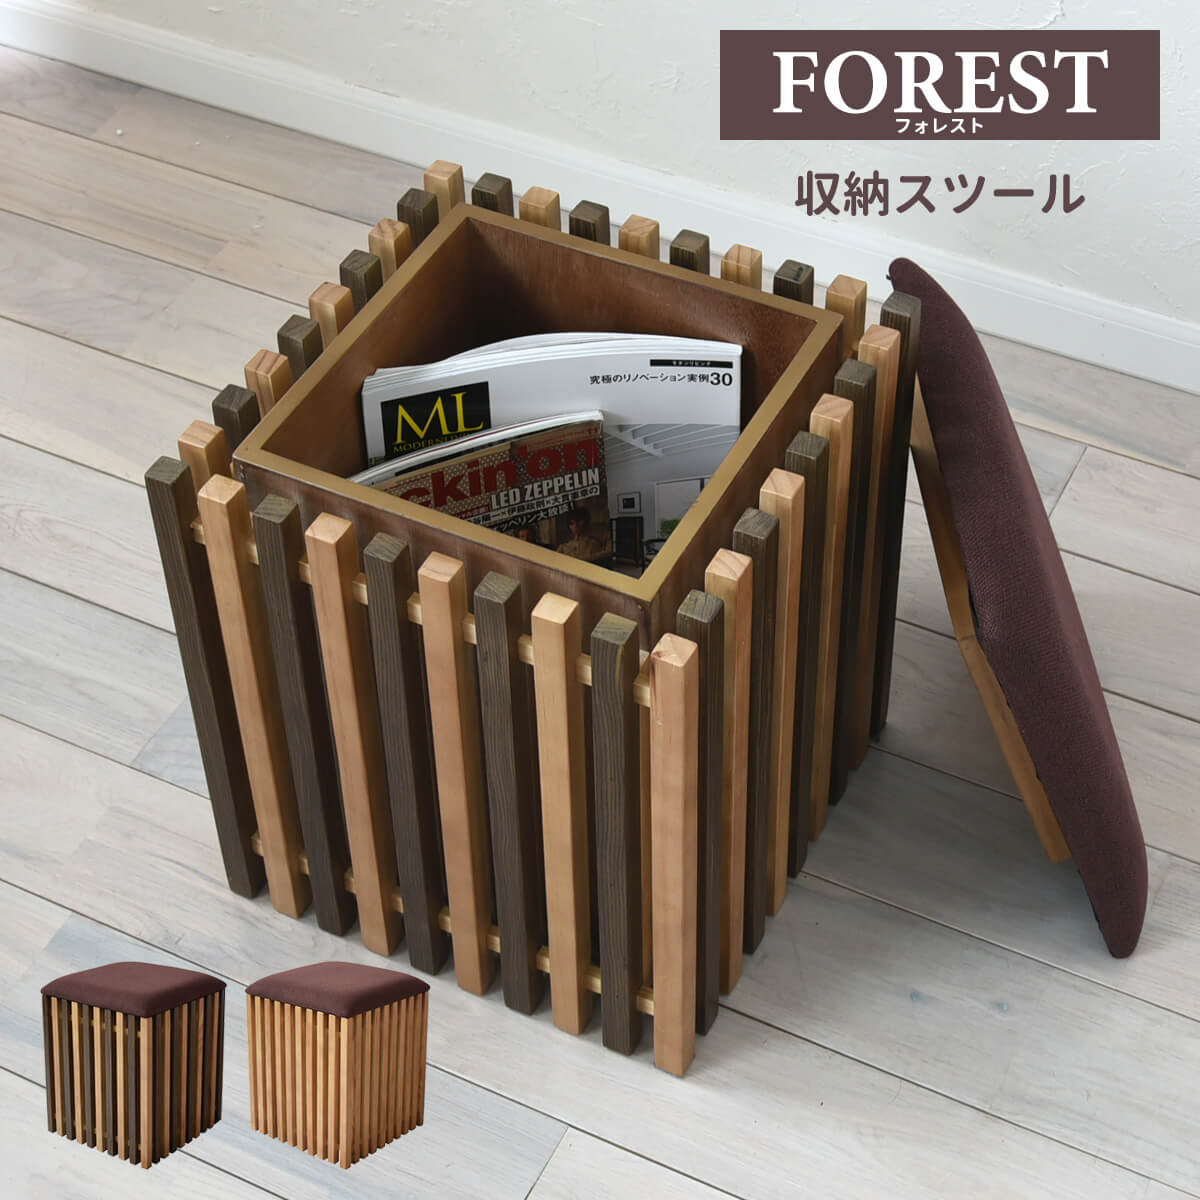 【送料無料】天然木 スツール 収納 ボックス 腰掛け プチスツール チェア いす イス 椅子 シンプル リビング 北欧 おしゃれ モダン スタイリッシュ ハンドメイド ナチュラル 収納 新生活 一人暮らし 子供部屋 FORESTシリーズ FOS-340